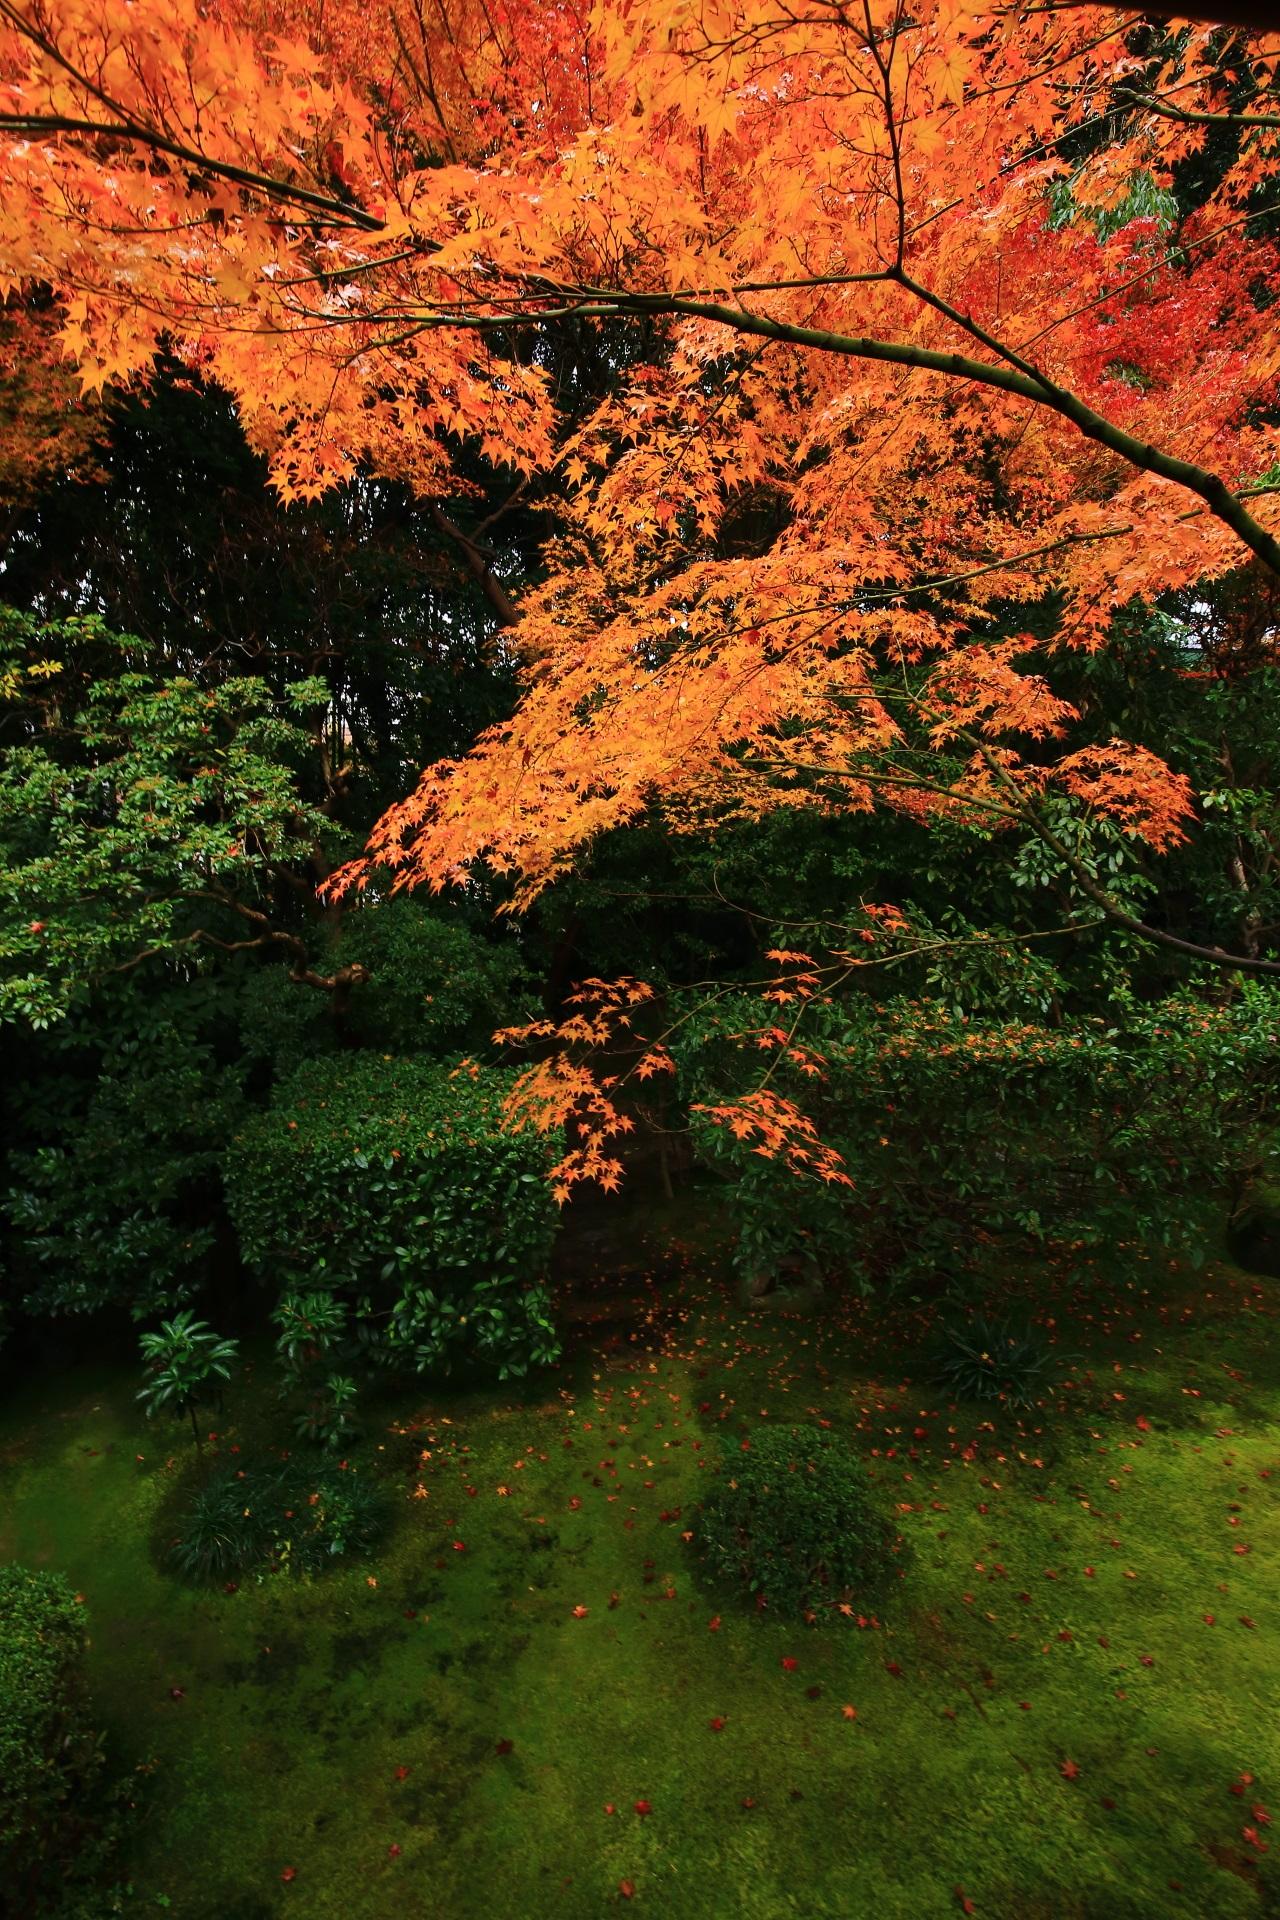 緑の侘の庭を彩る鮮やかなオレンジの紅葉